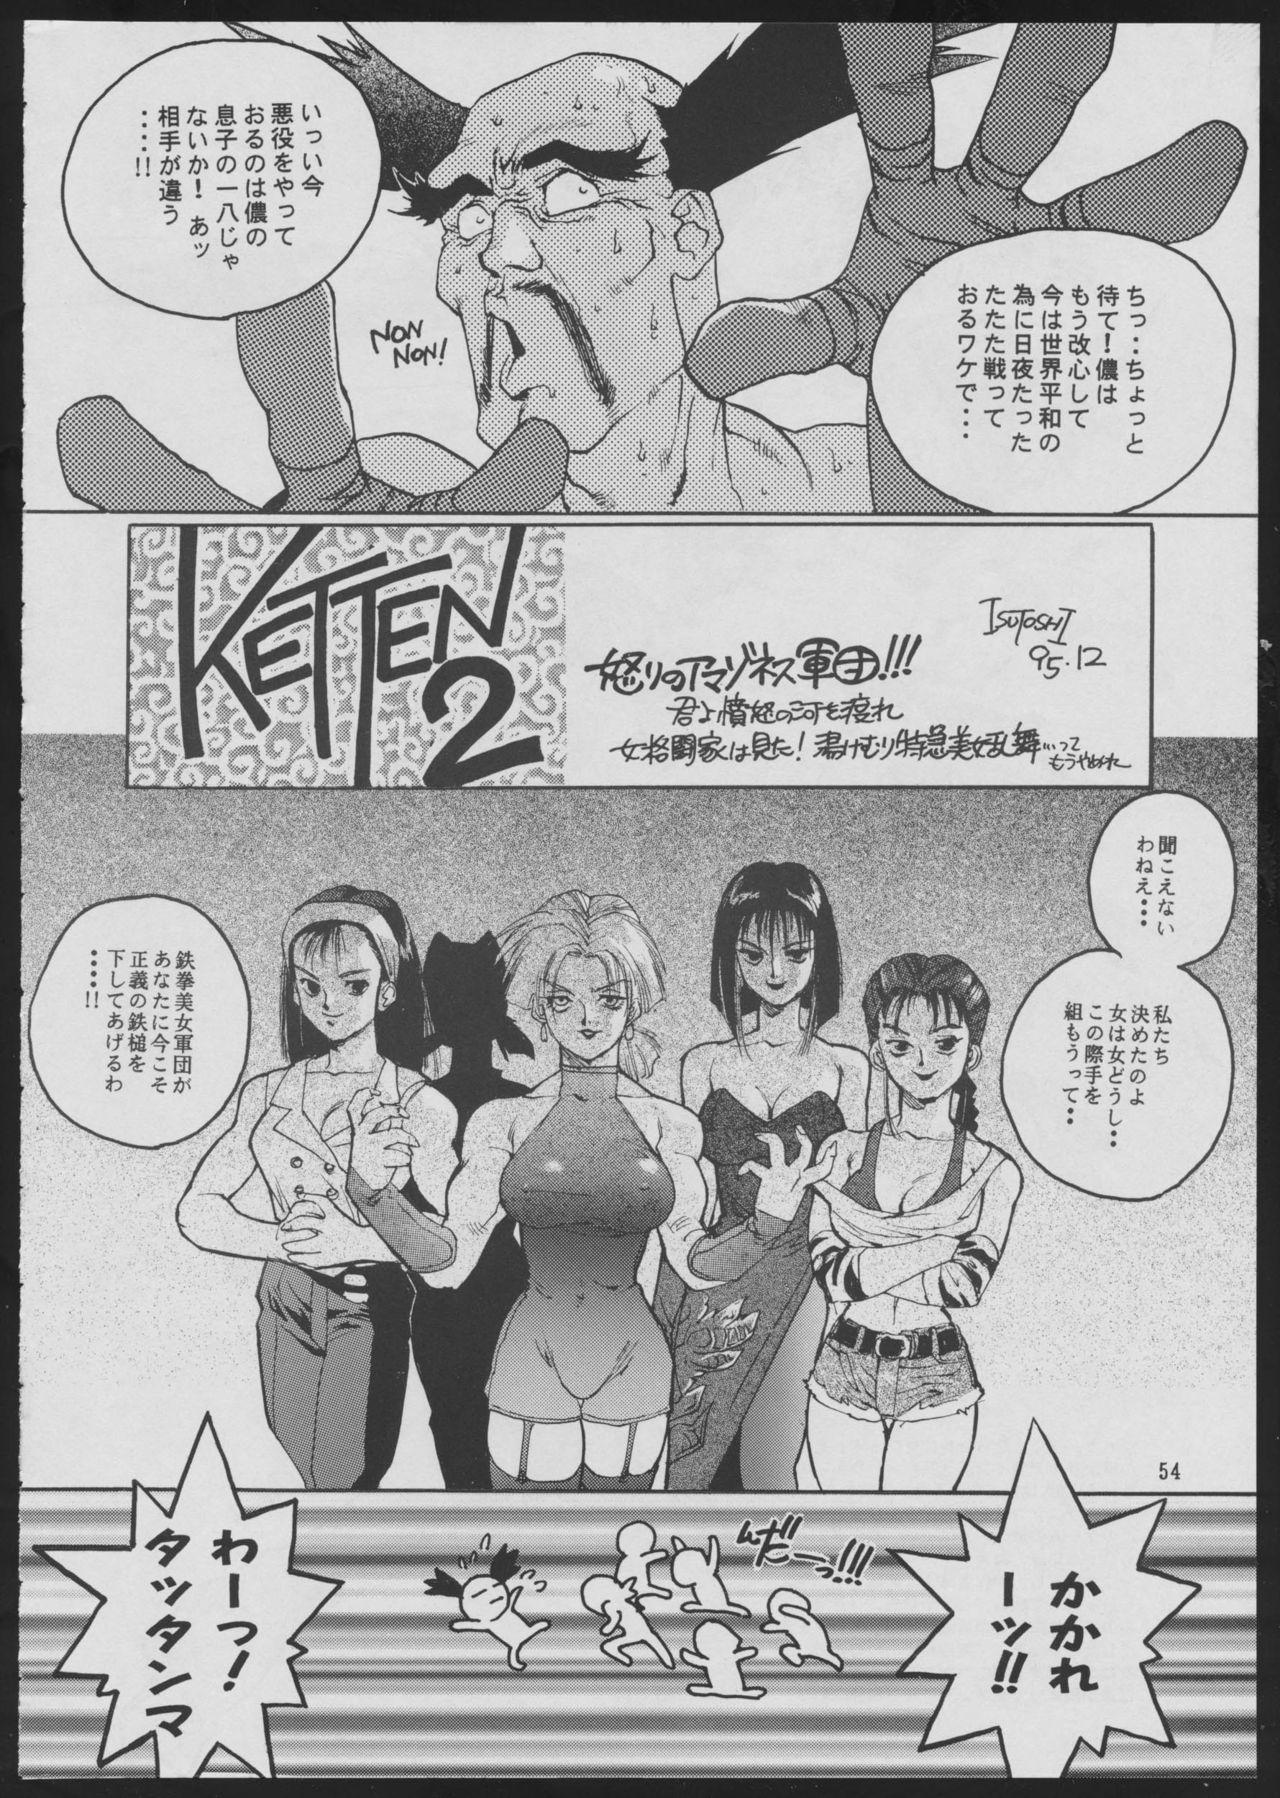 Maruchuu Seisaku Turbo Remix 2 53